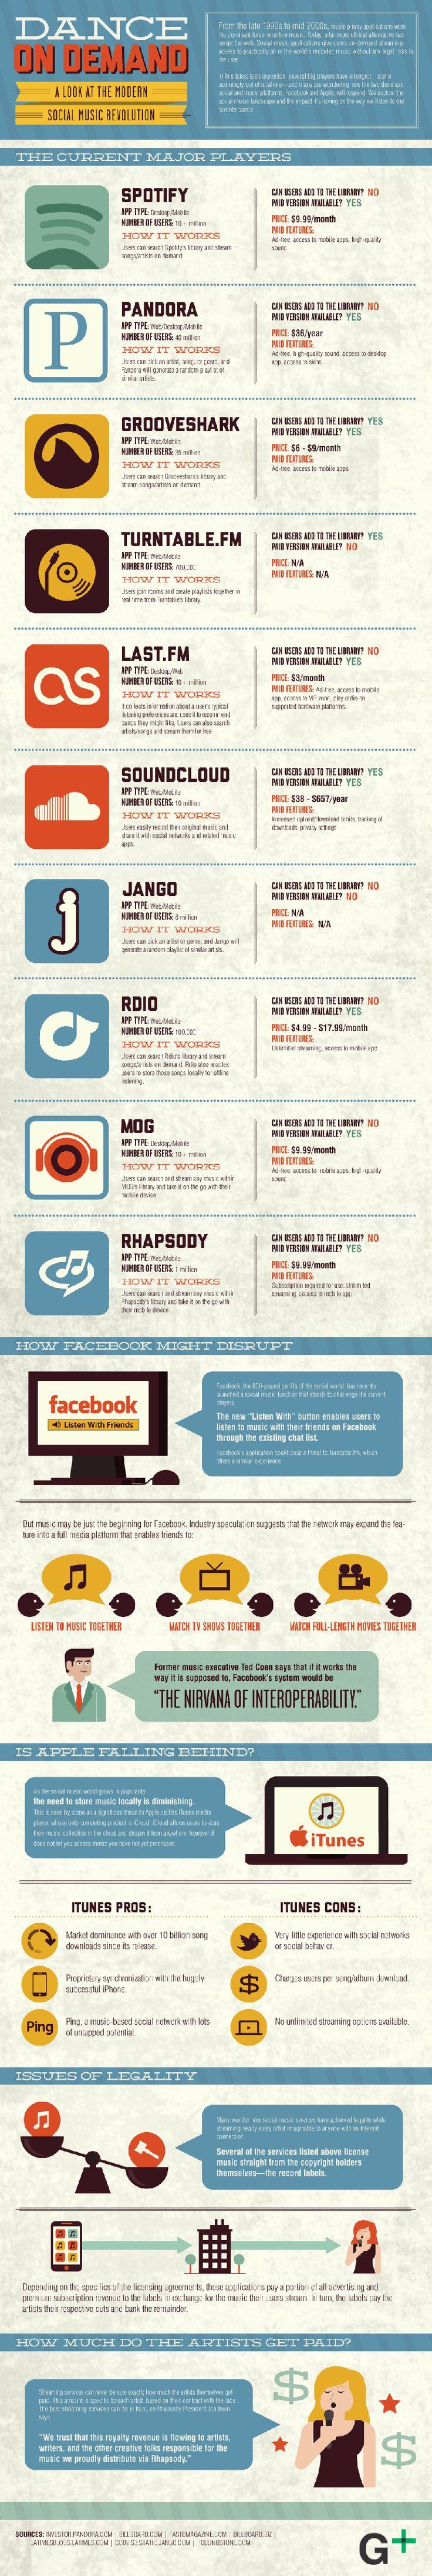 Top 10 des sites de musique en ligne - Top 10 music sites online